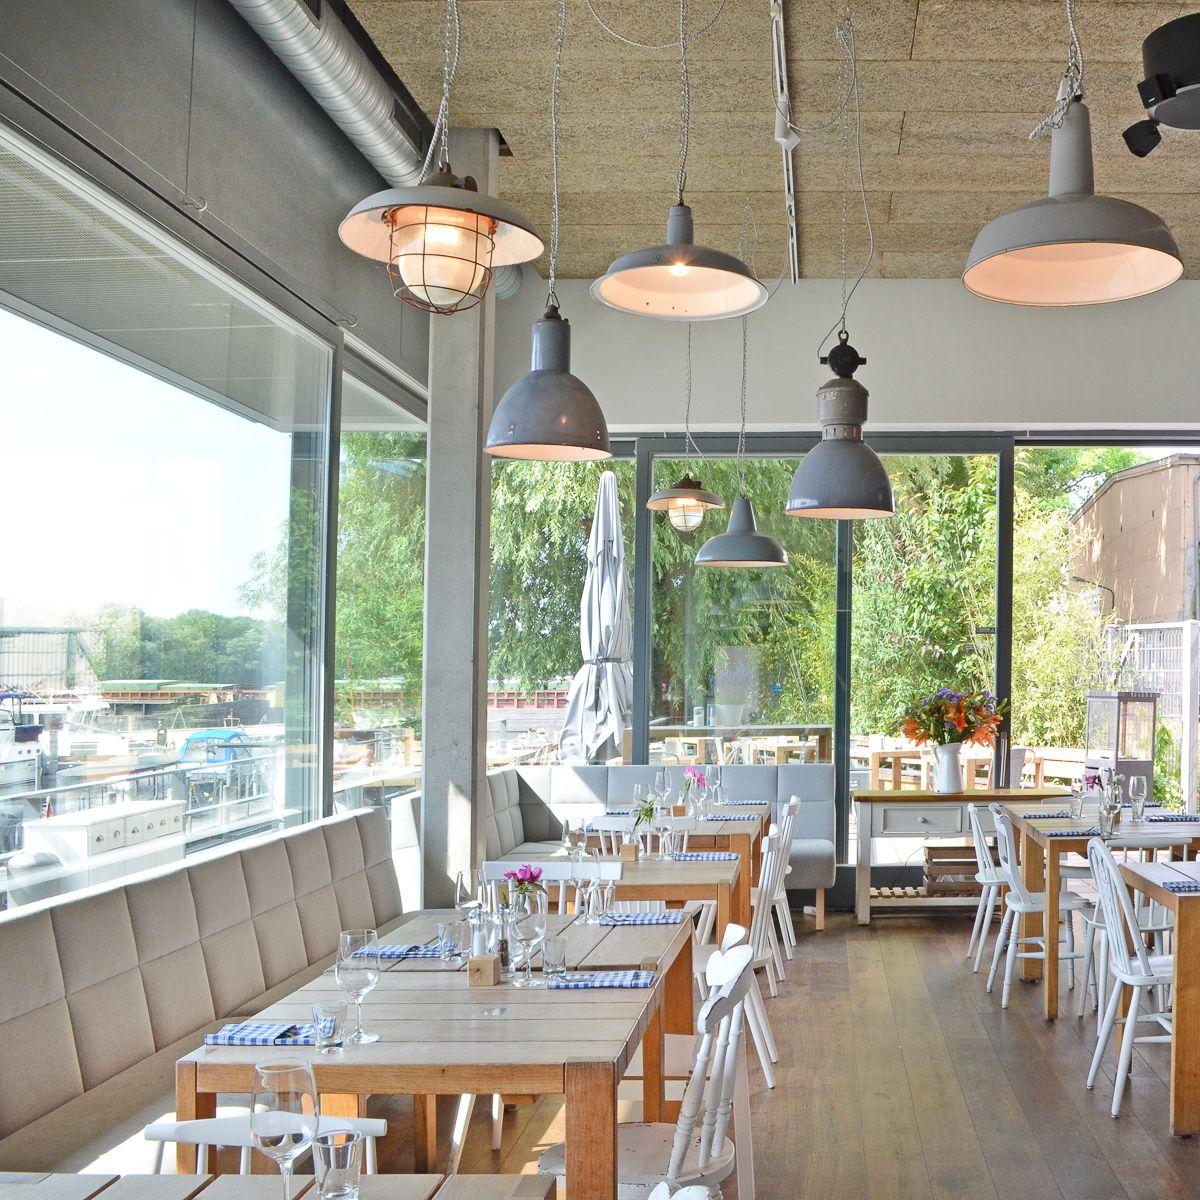 Hafenkuche Restaurant Mit Blick Auf Die Spree Mit Bildern Deutsche Kuche Berlin Restaurant Rummelsburger Bucht